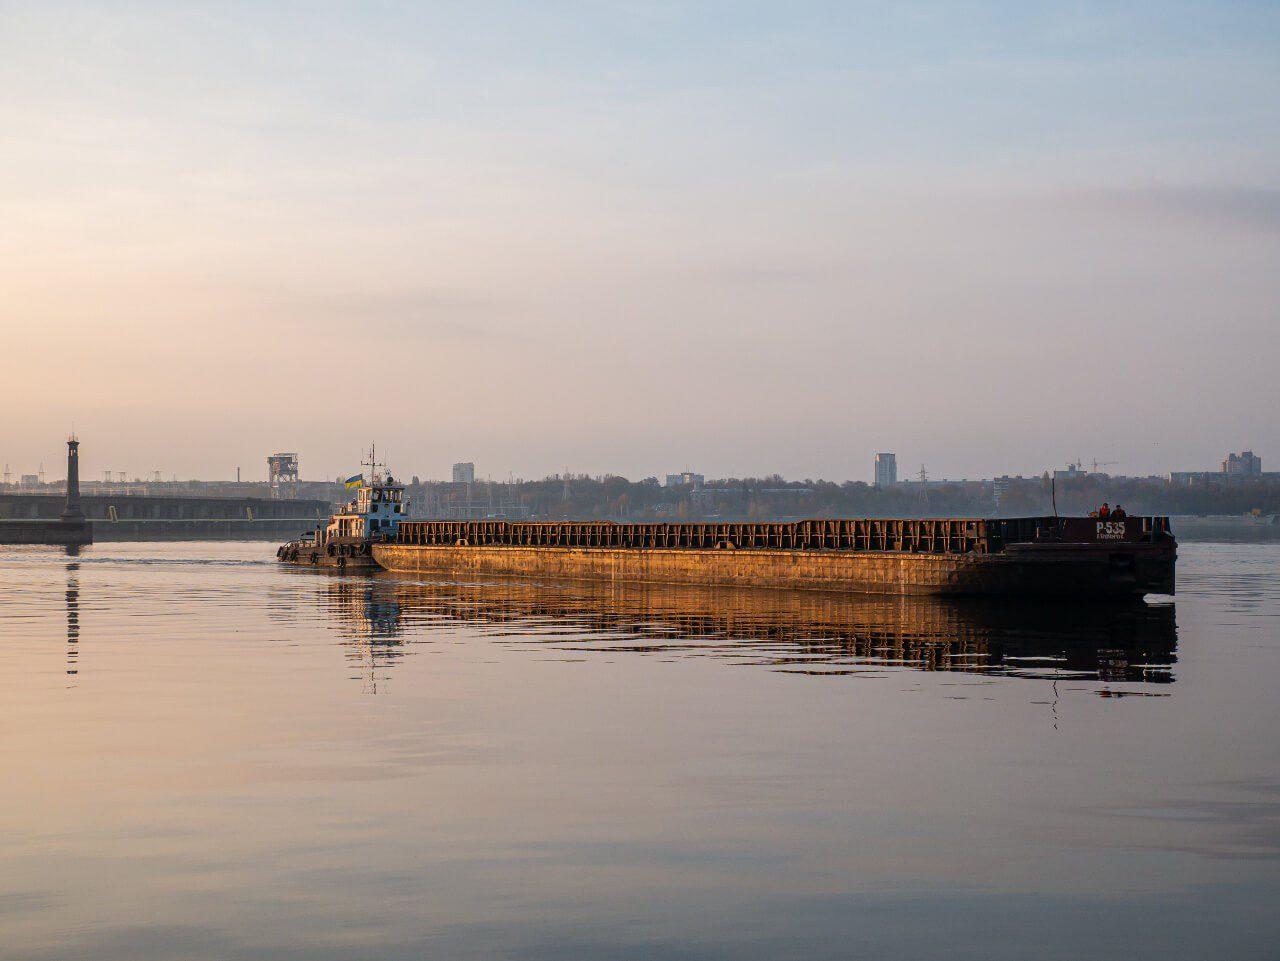 Barka na Dnieprze Zaporoże